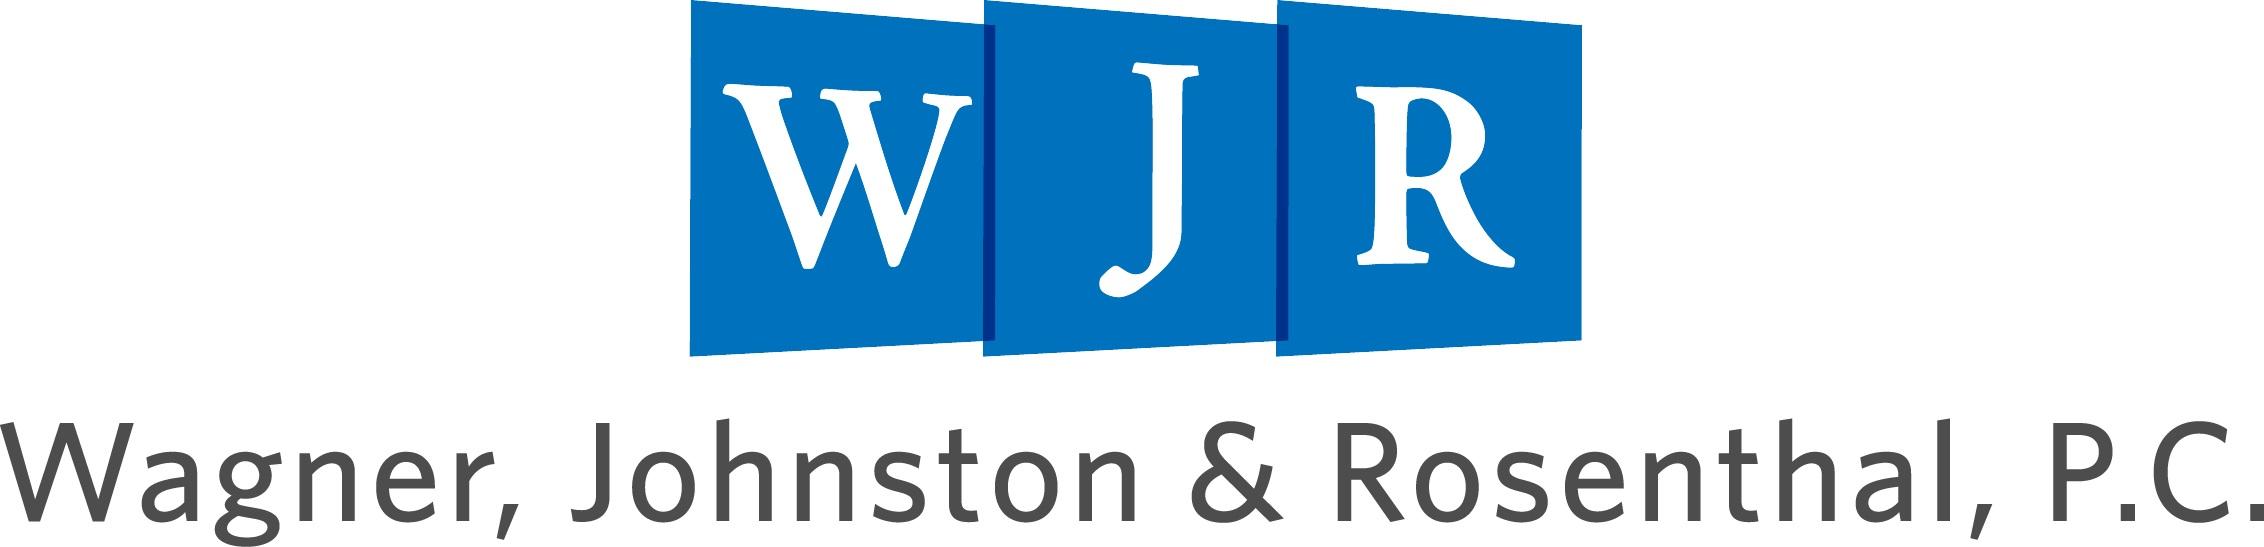 Wagner, Johnston & Rosenthal, P.C.